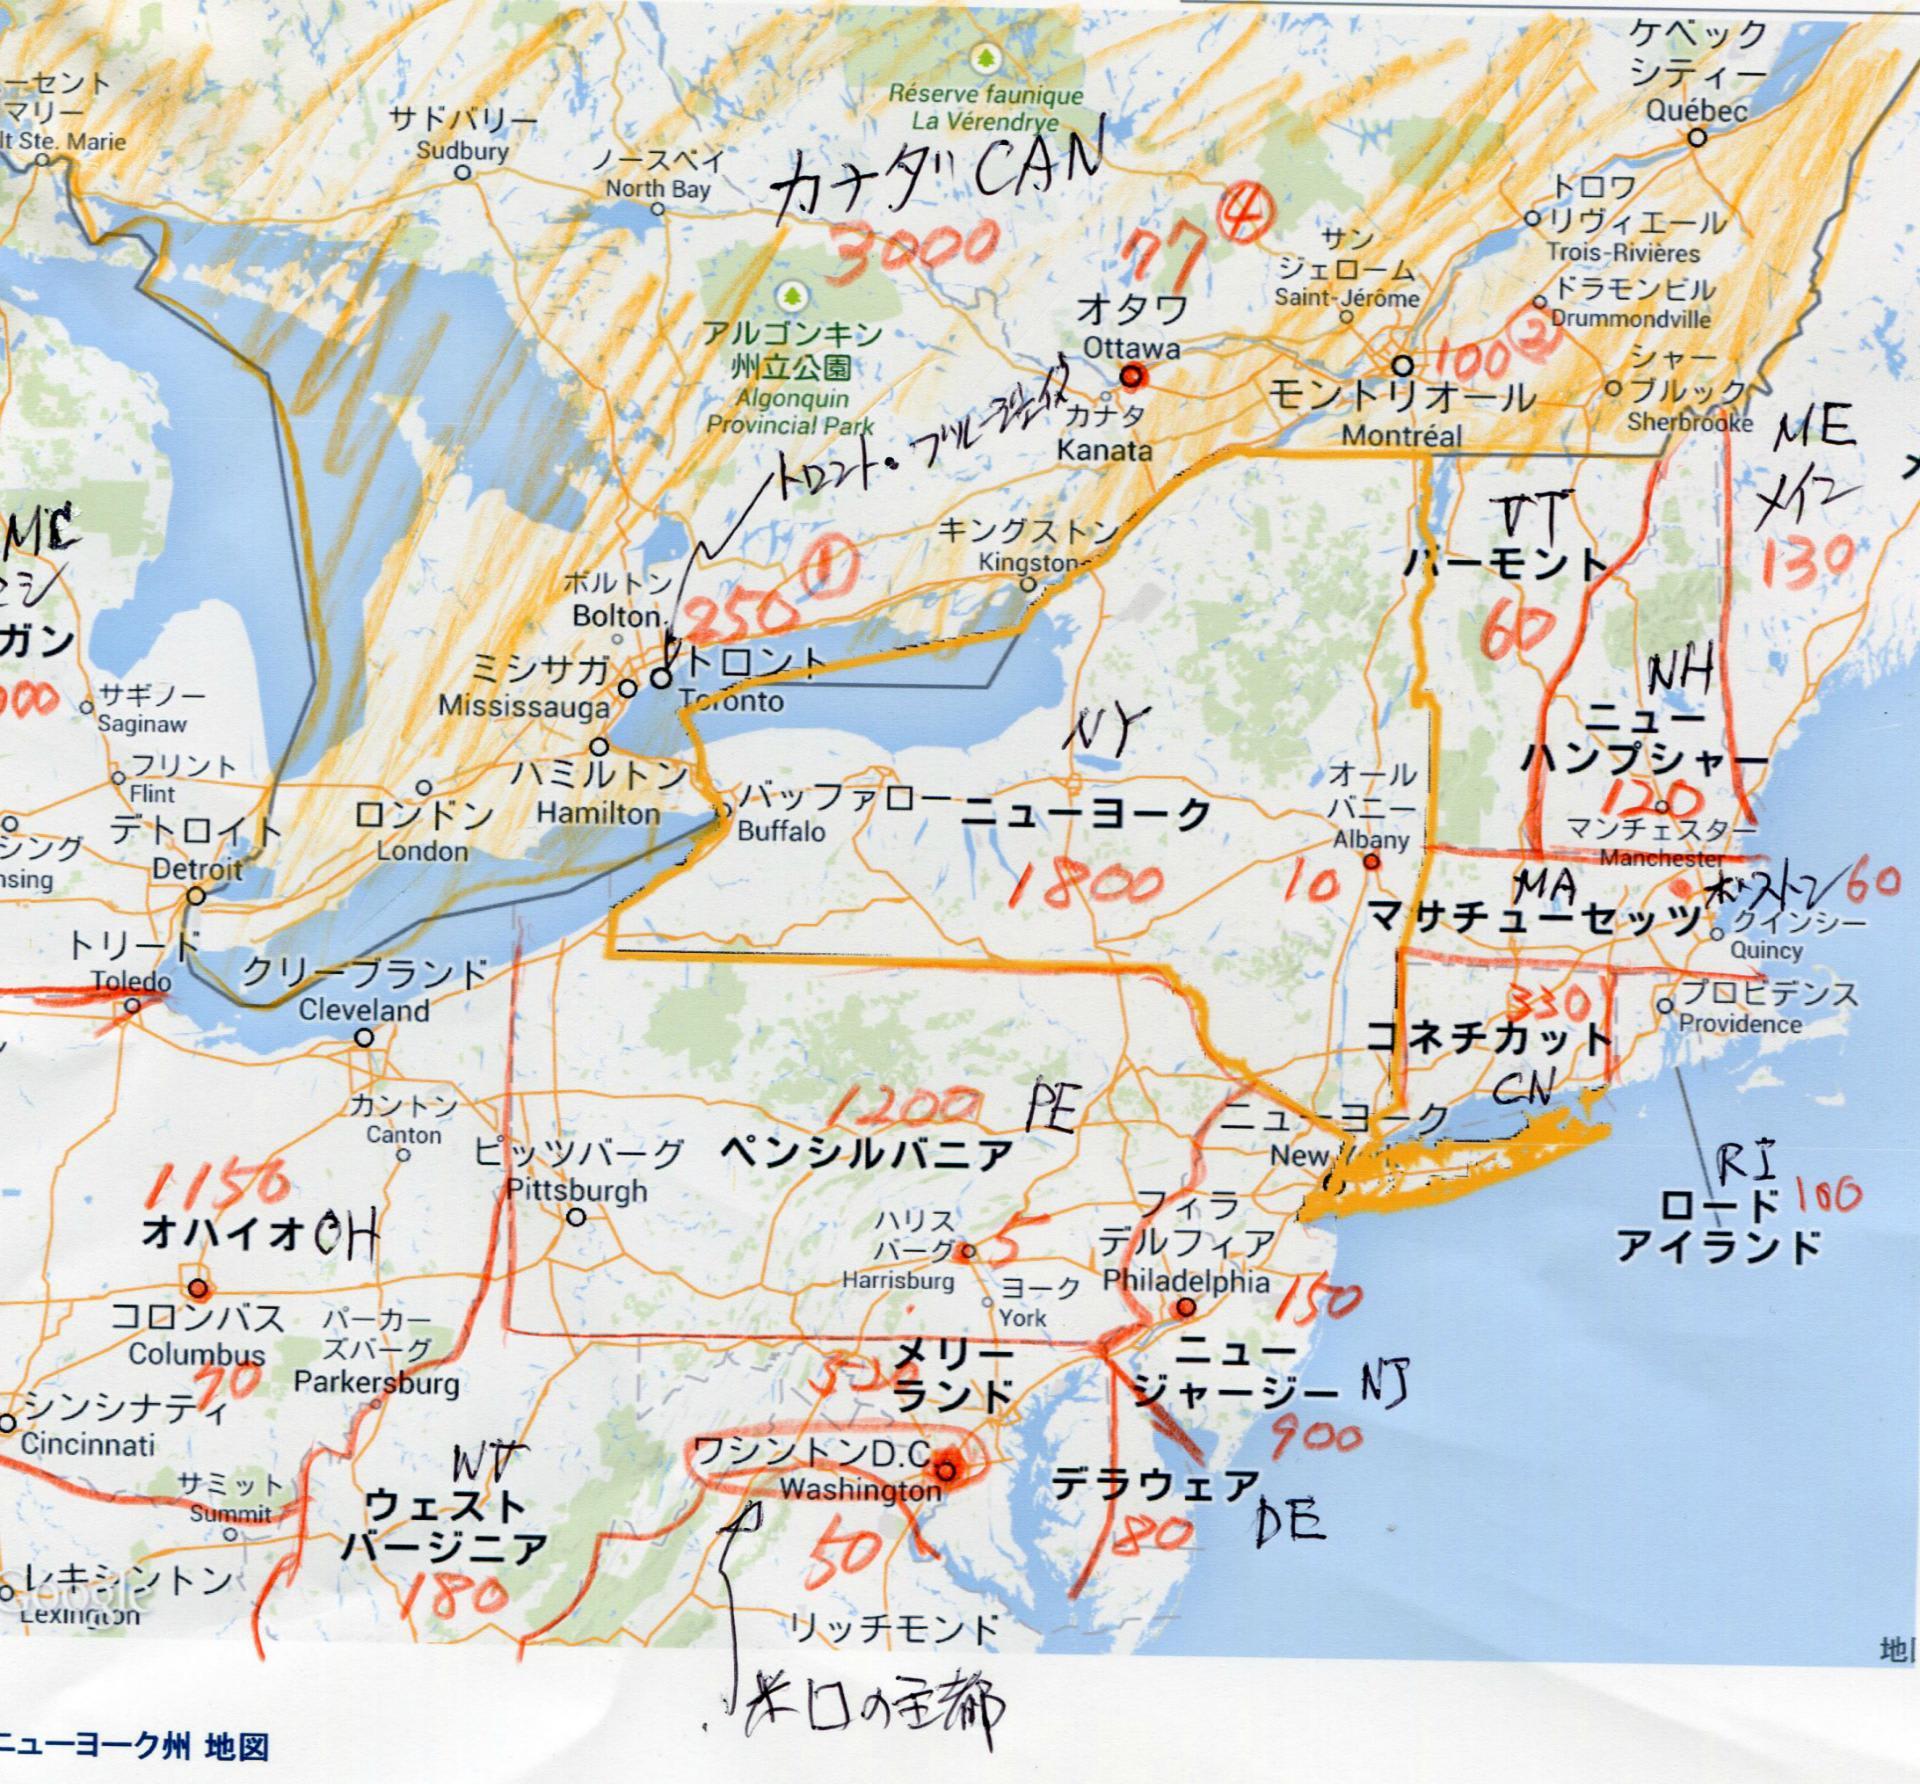 ニューヨーク州の都市人口 - 吉原健二 マルチエンジンを持つ。文系 ...